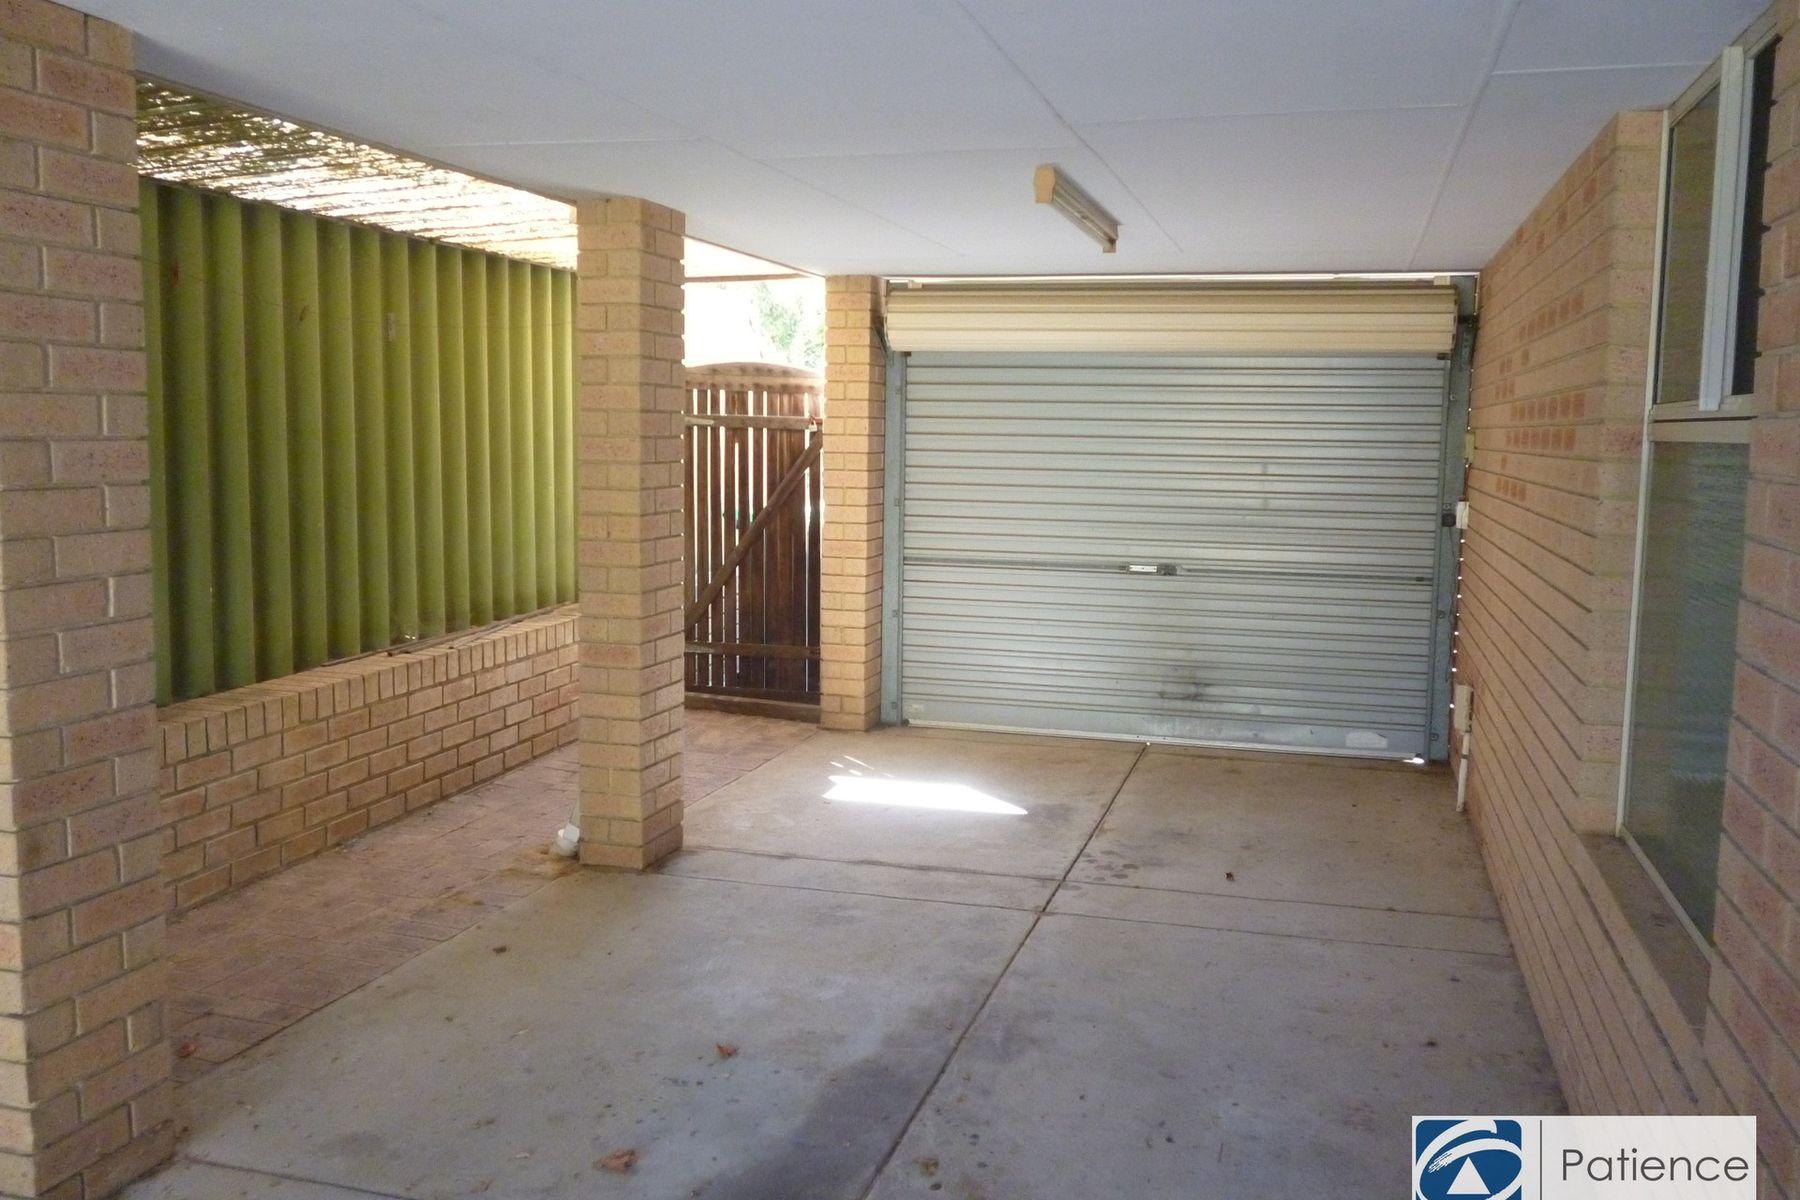 17 Simcoe Court, Joondalup, WA 6027